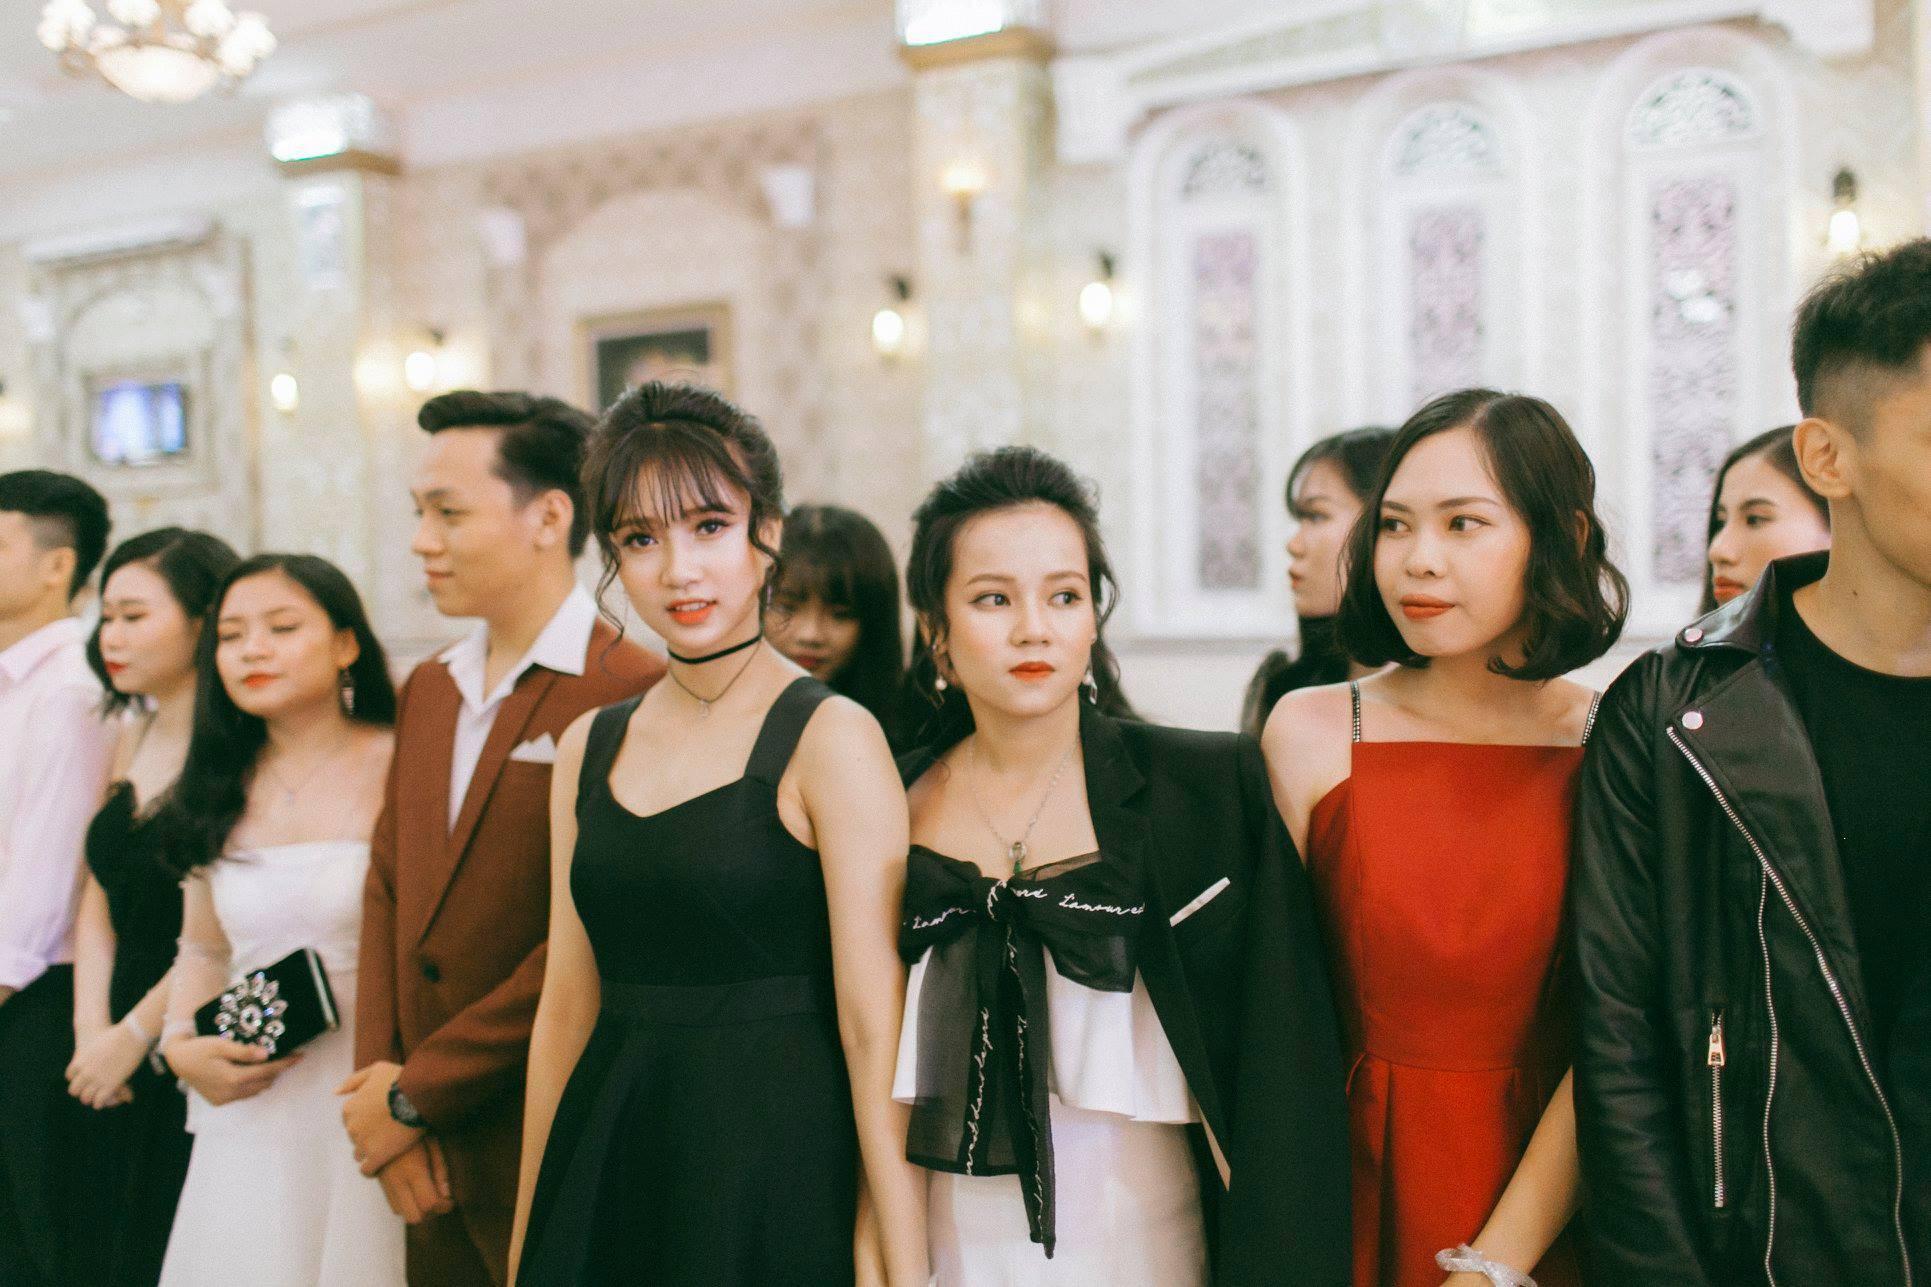 Không chỉ RMIT, trường chuyên phố núi Kon Tum cũng khiến chúng ta đã mắt với dàn trai xinh gái đẹp trong tiệc prom - Ảnh 20.